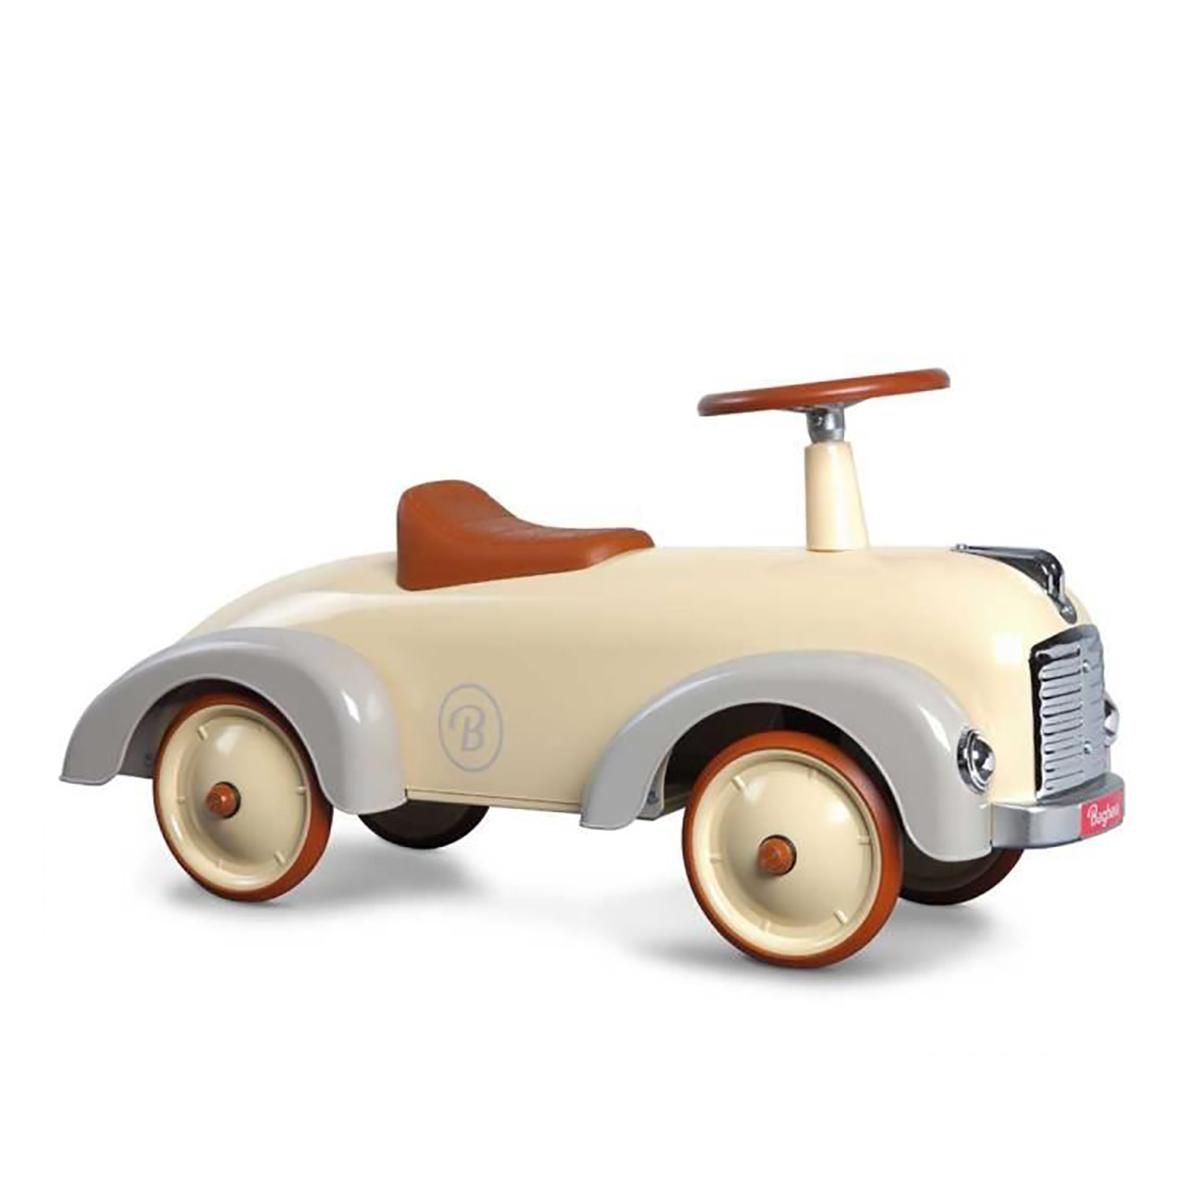 Trotteur & Porteur Porteur Speedster - Silk Grey Porteur Speedster - Silk Grey